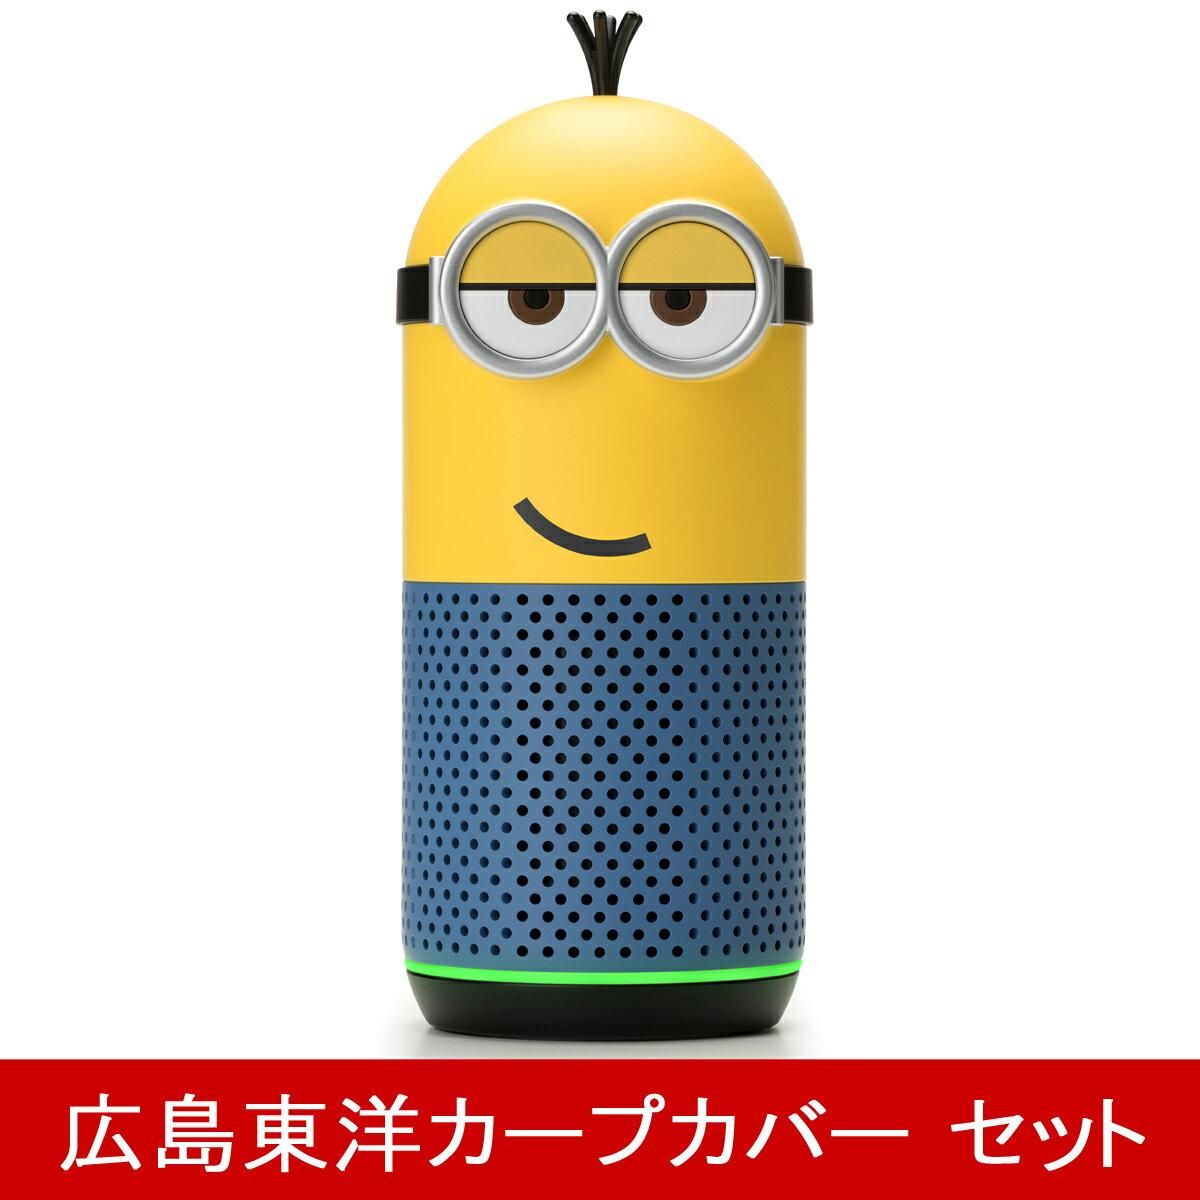 Clova Friends MINIONS Kevin + 広島東洋カープカバー セット